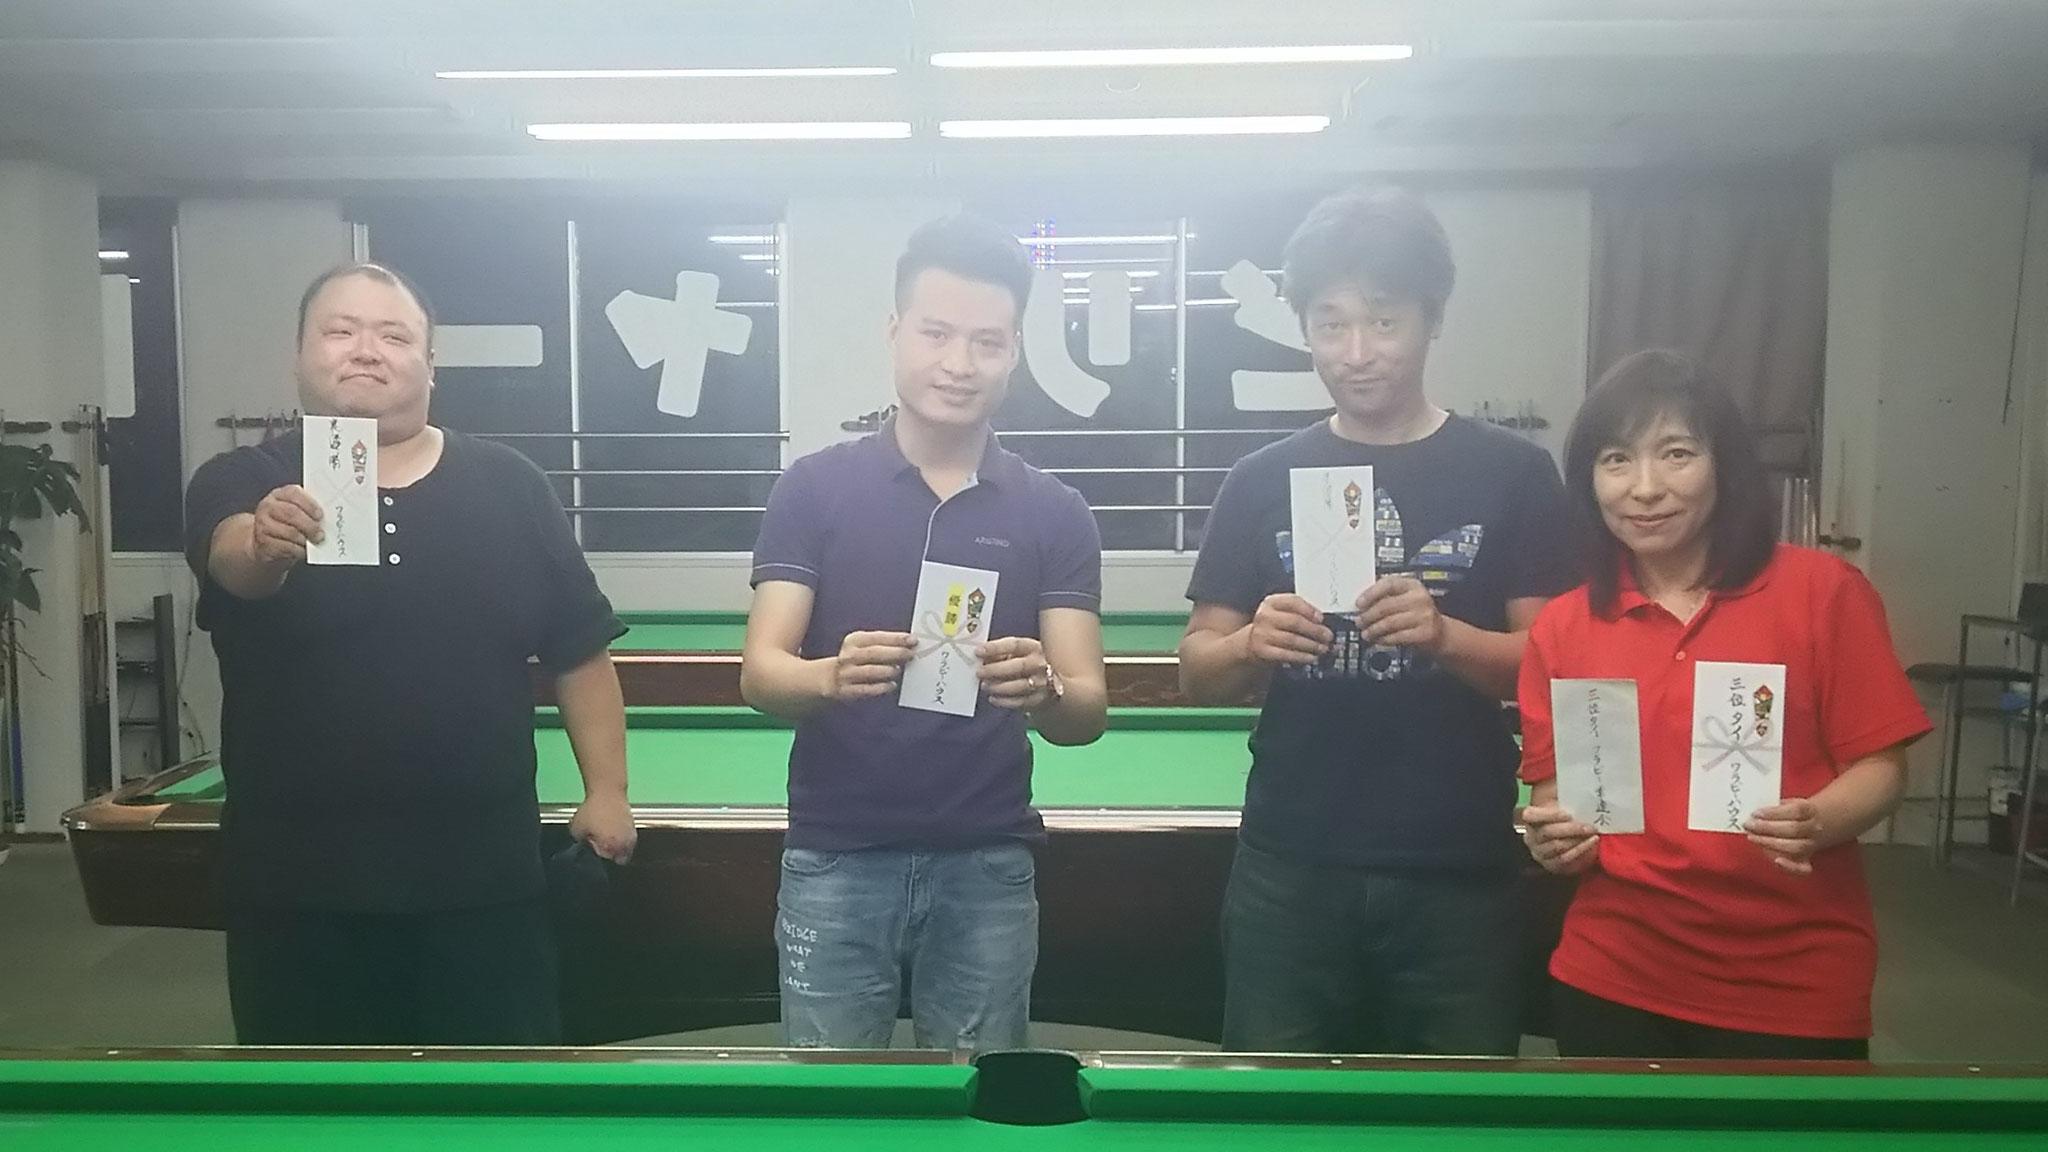 左から、吉崎さん(敗者側優勝)、タン君(優勝)、道正さん(準優勝)、工藤君と剛一郎の3位タイの賞金袋を持つ私